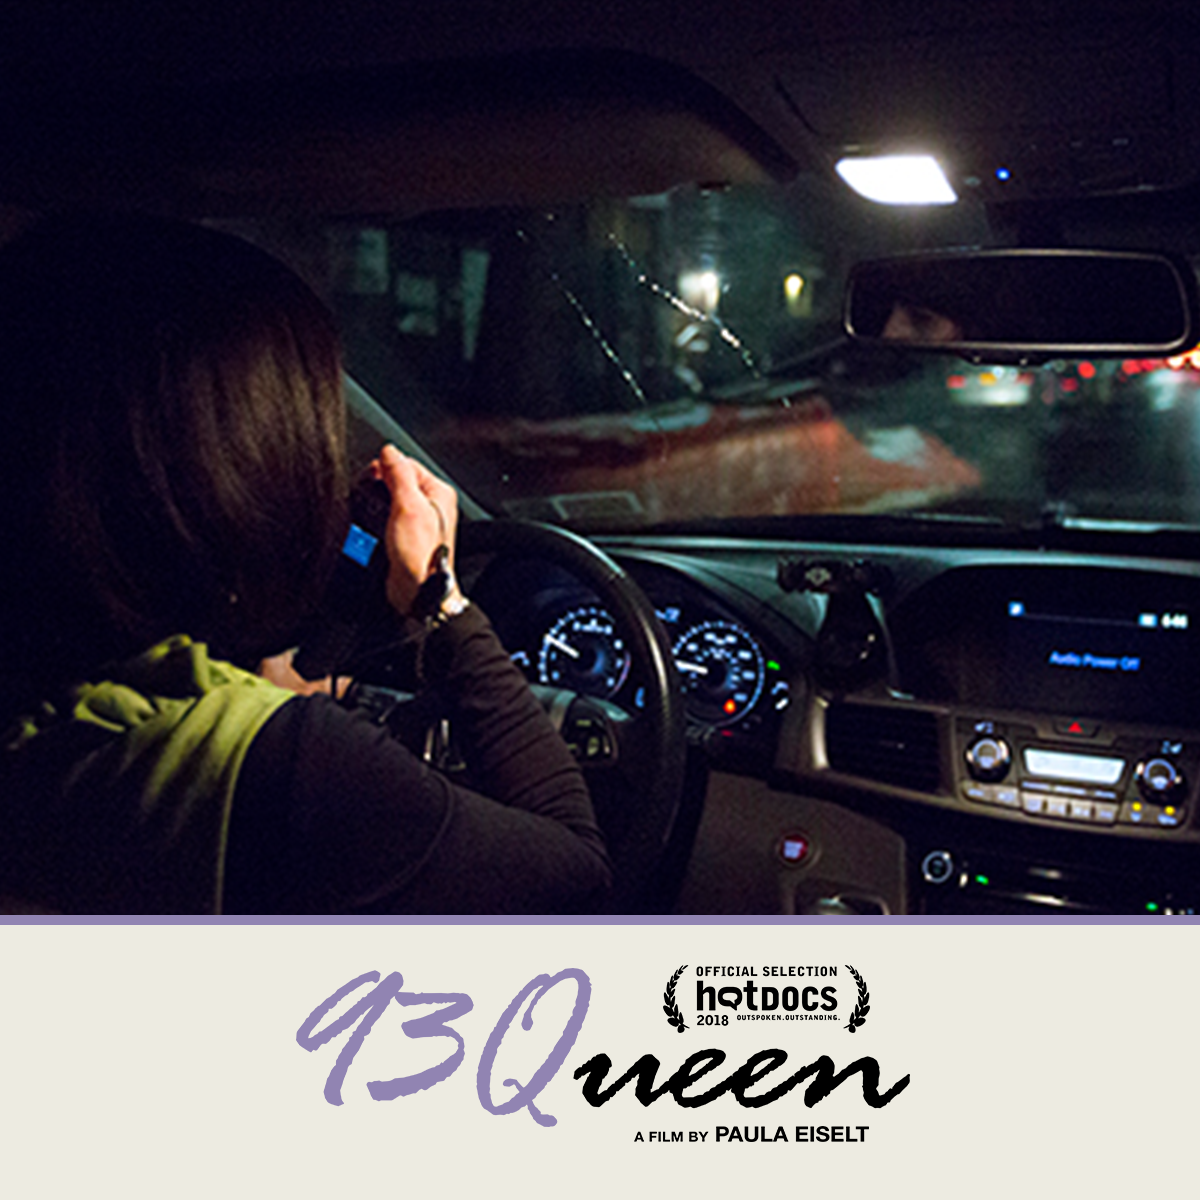 93Queen_1200x1200_8.png